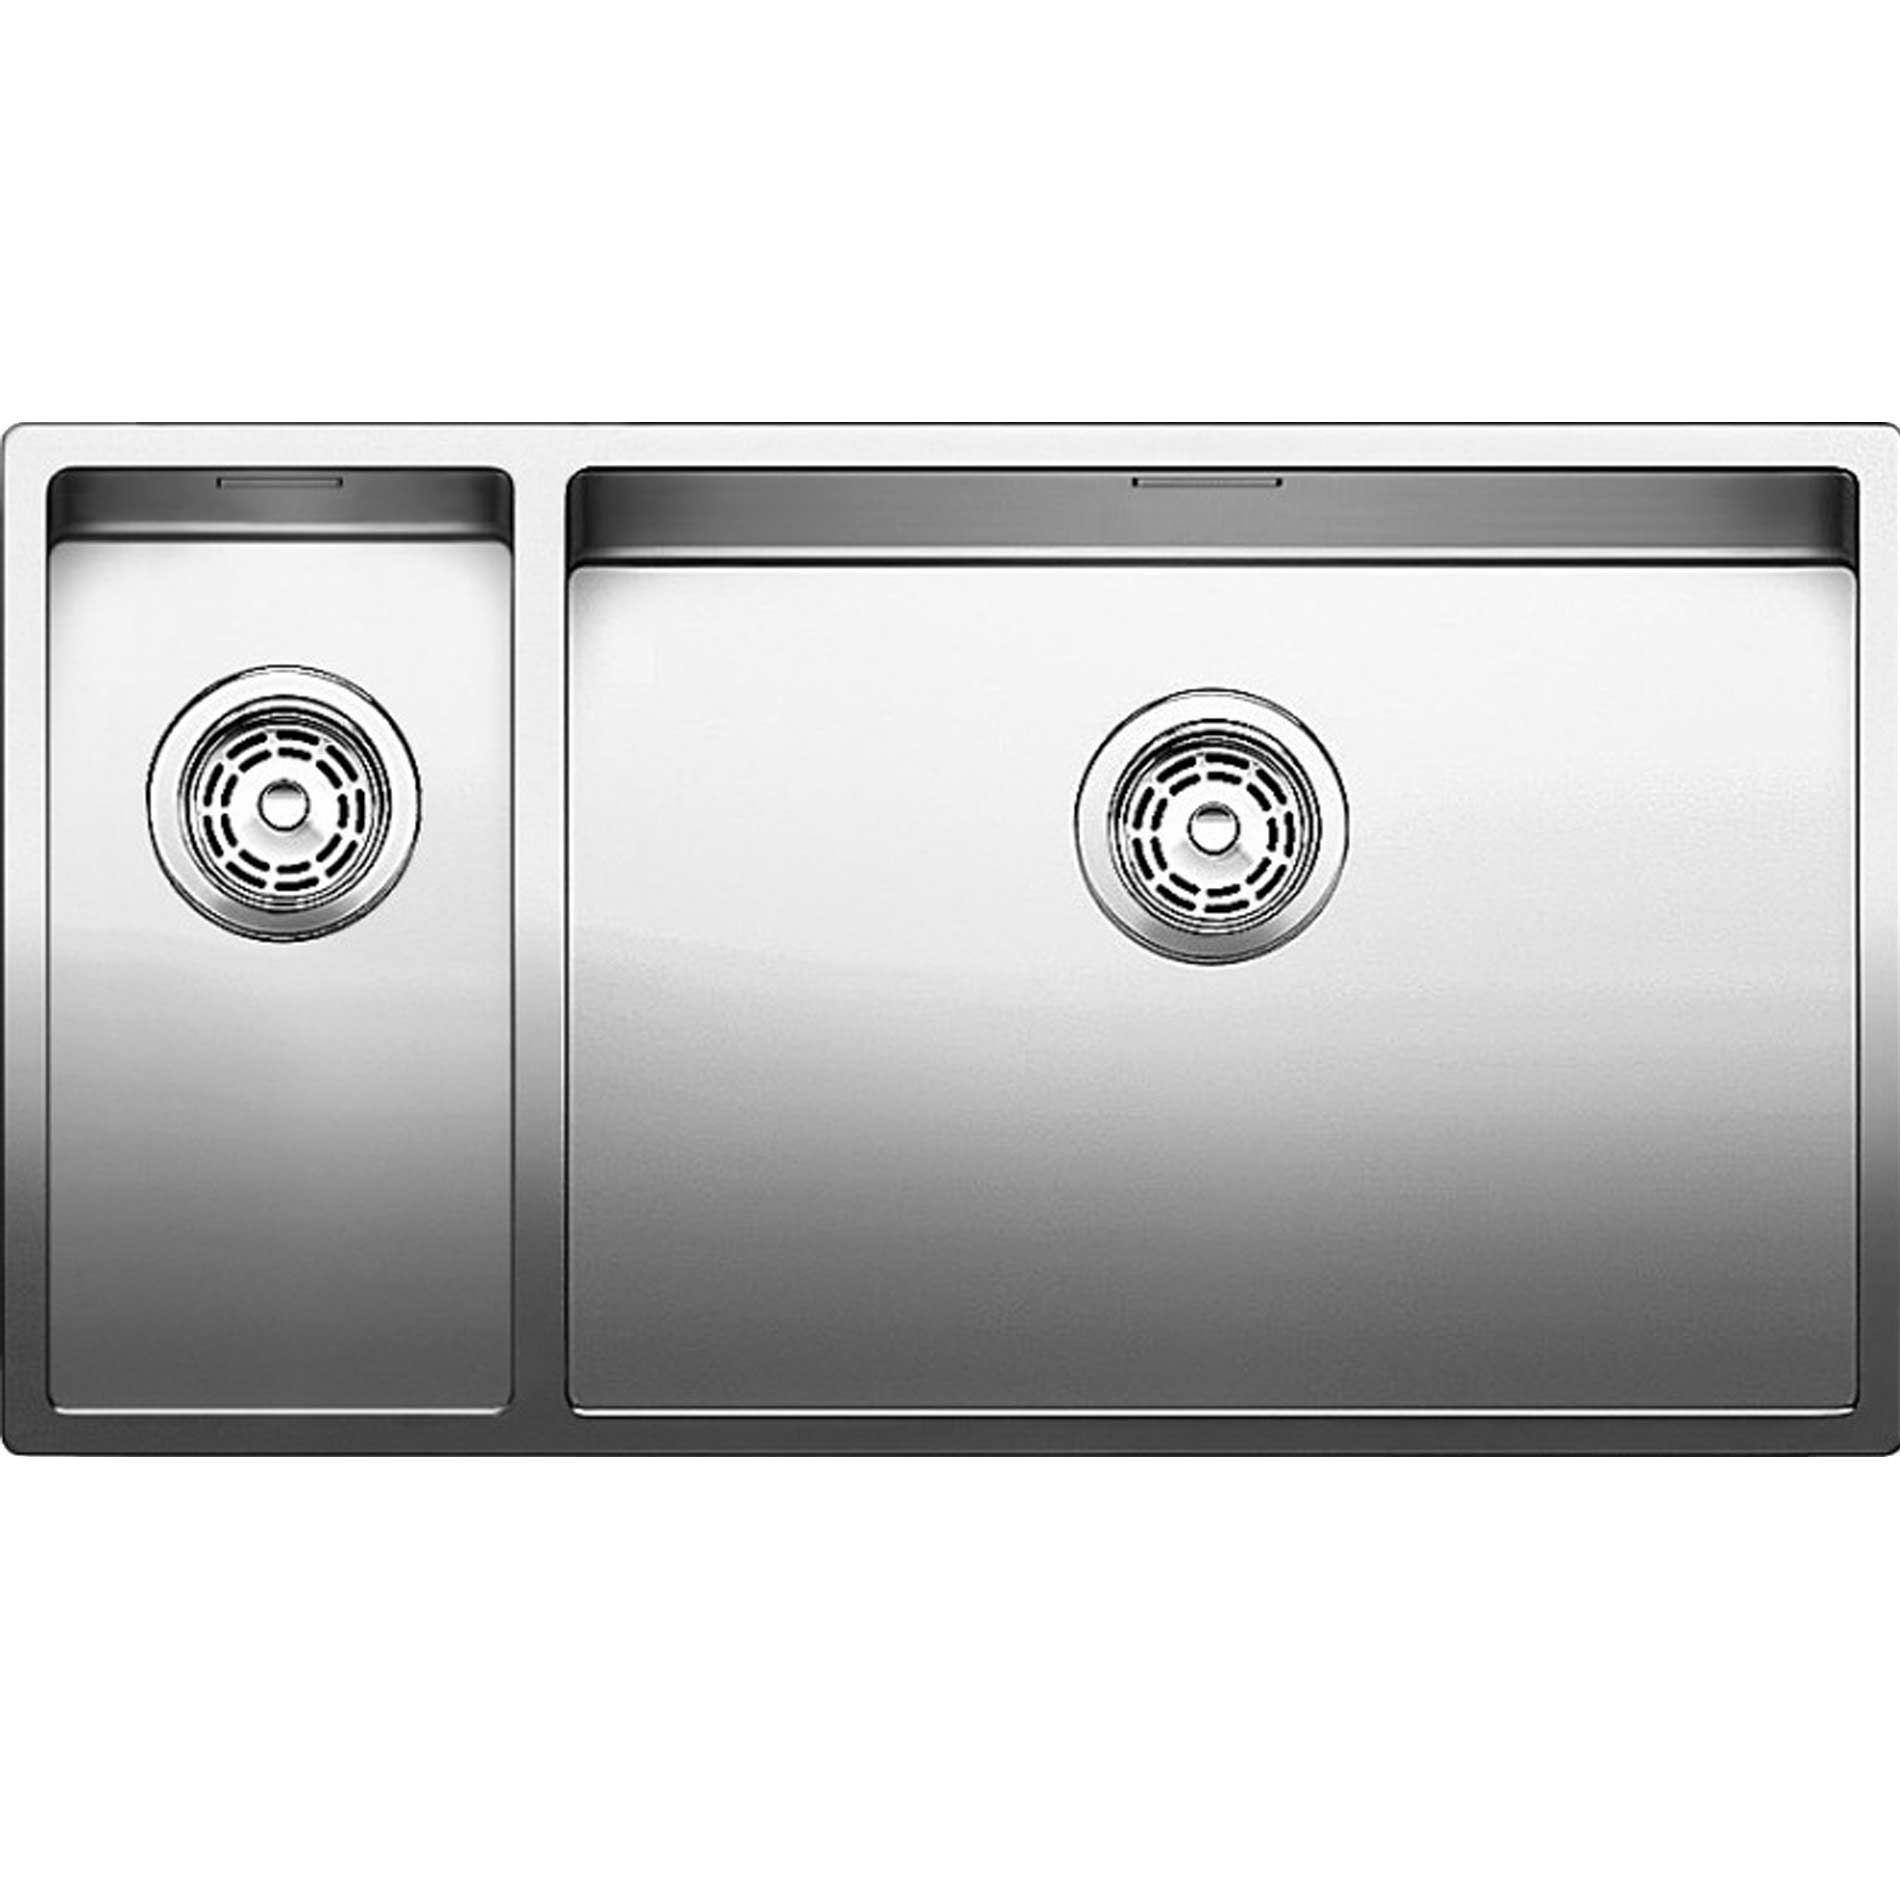 Blanco Claron 550 200 U Stainless Steel Sink Kitchen